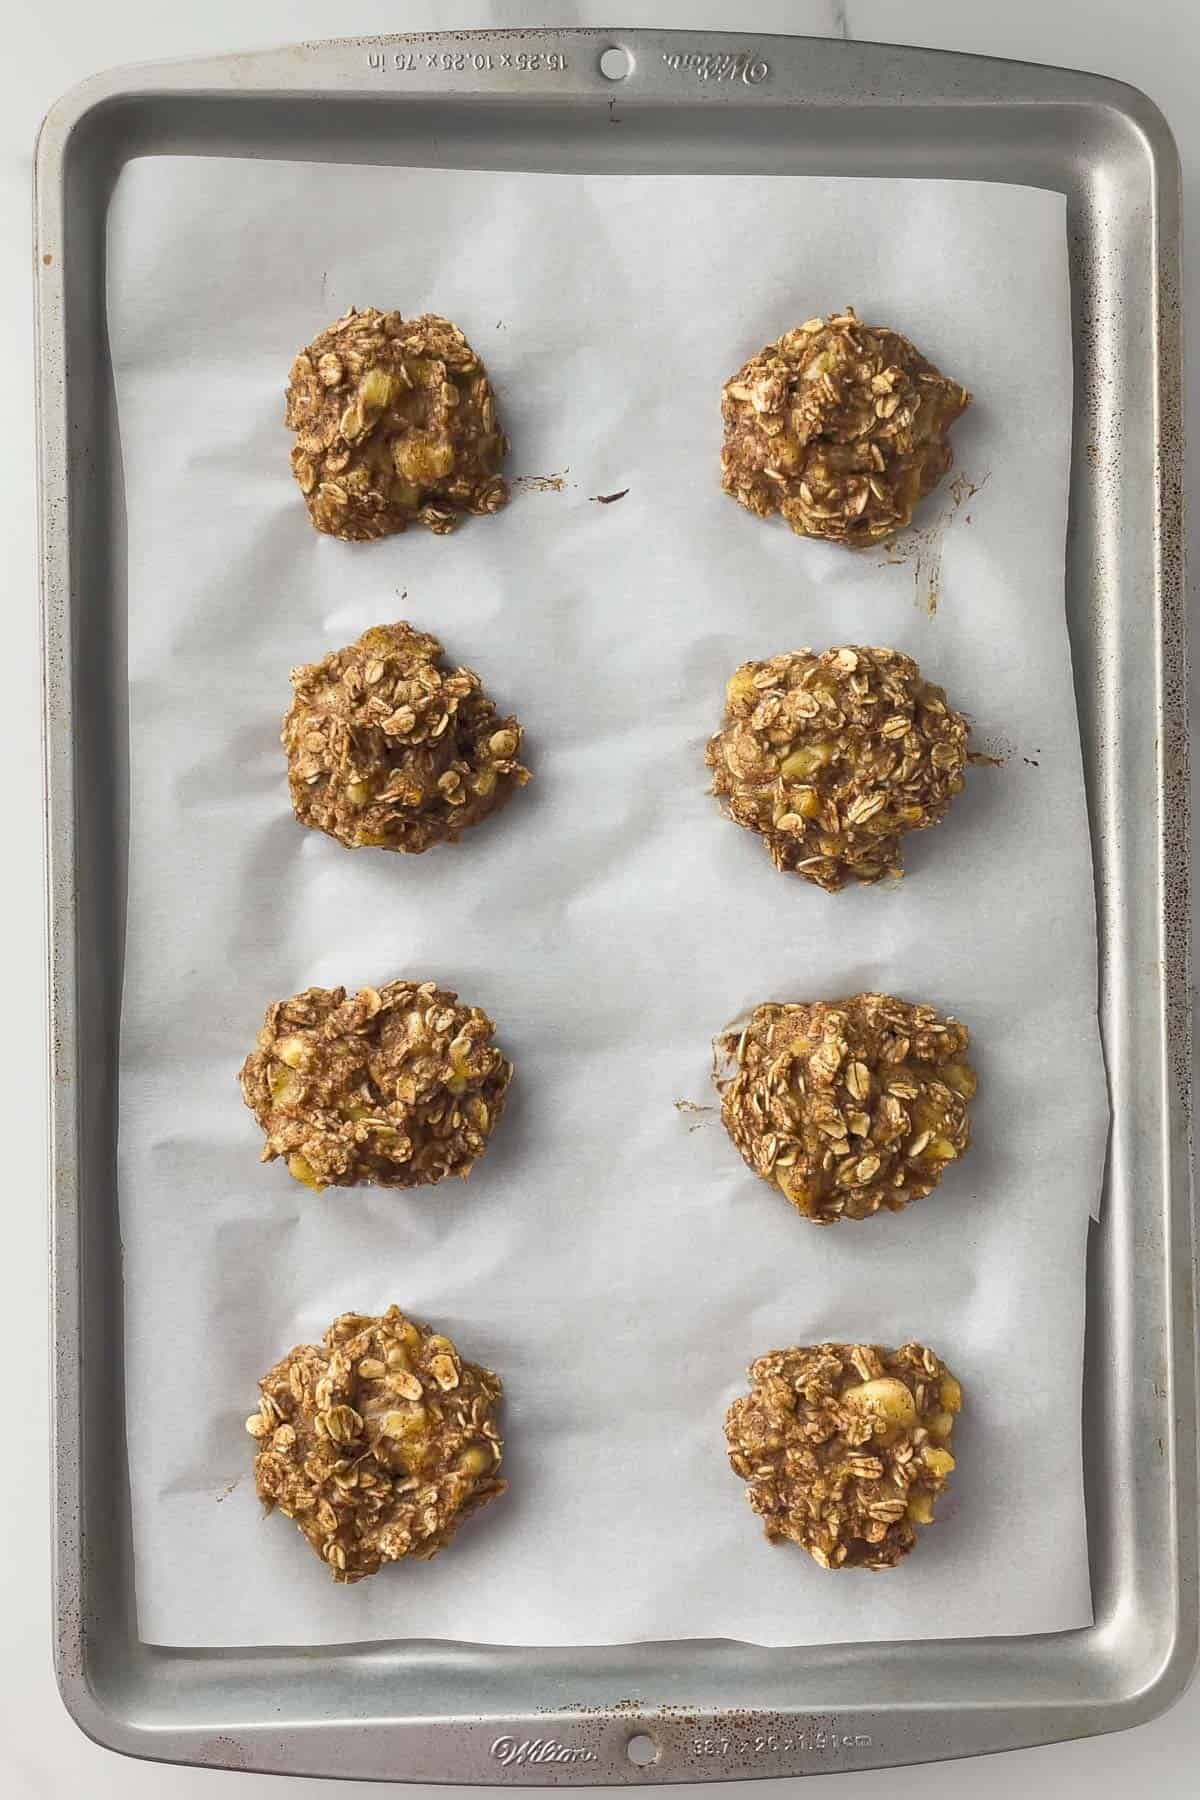 banana oatmeal cookies on a baking sheet